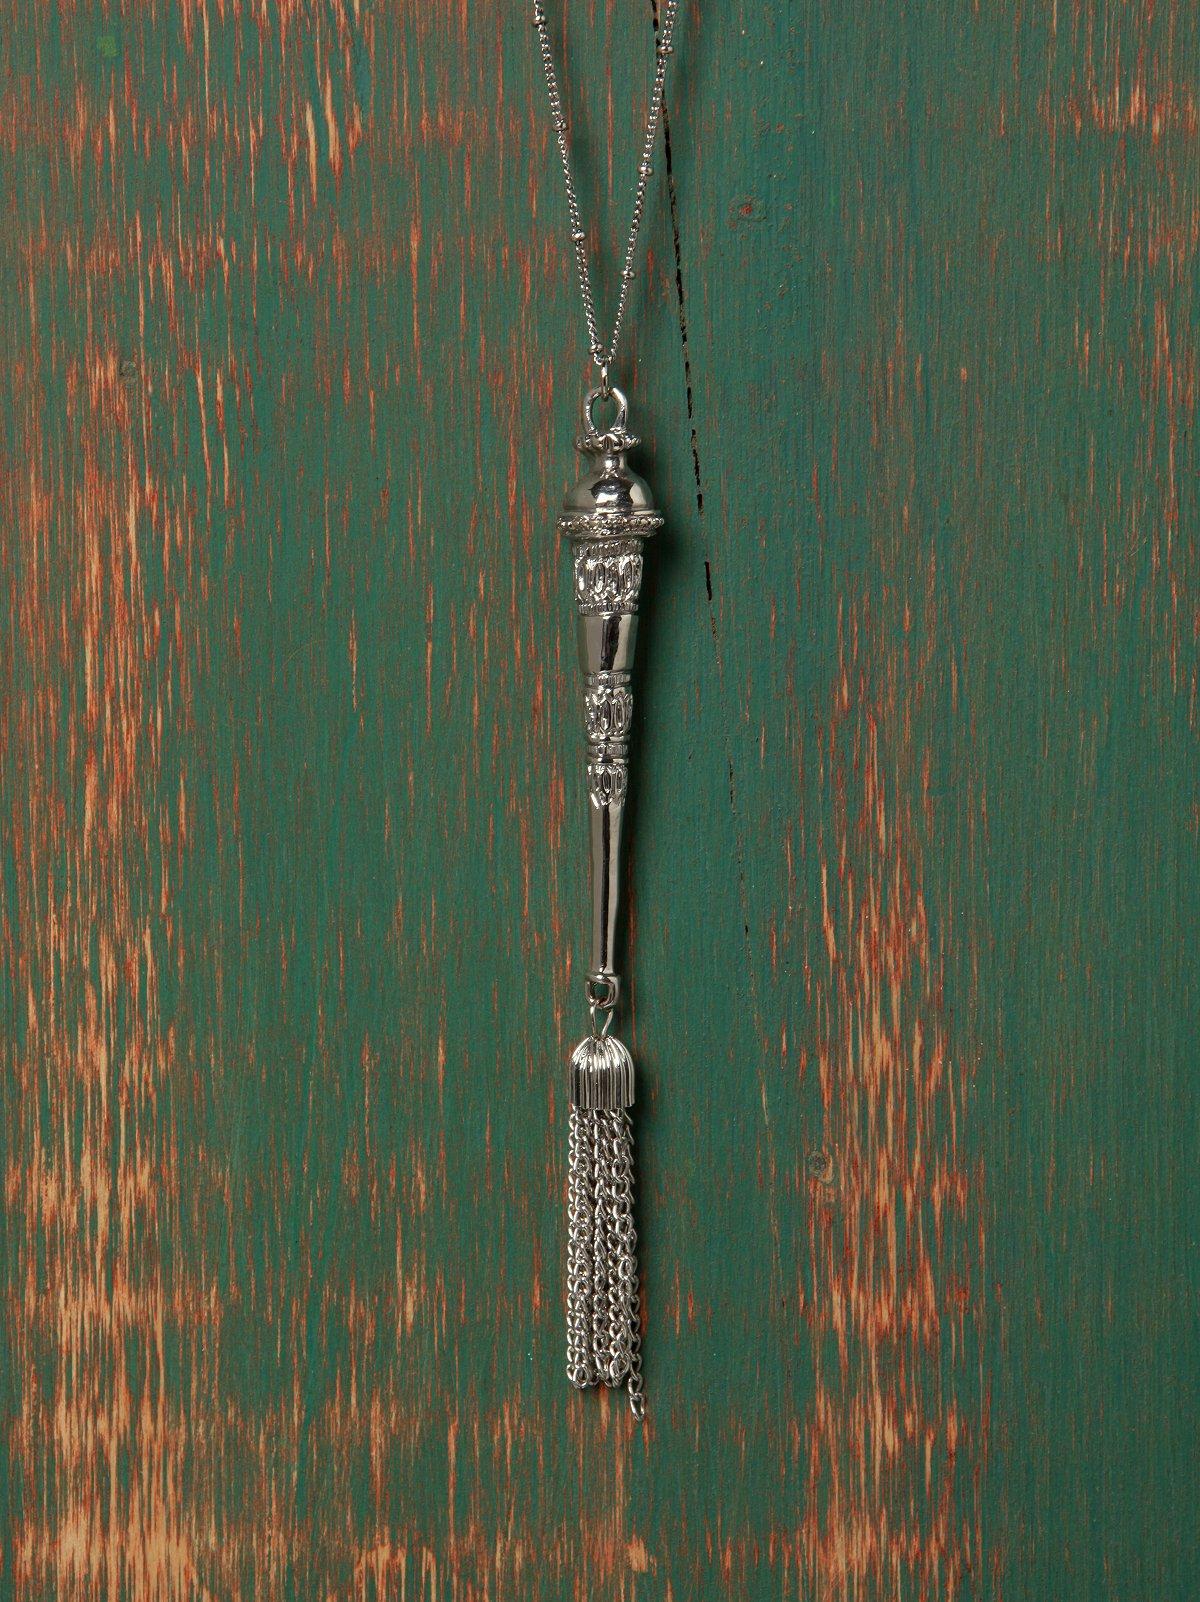 Dusting Tassle Necklace